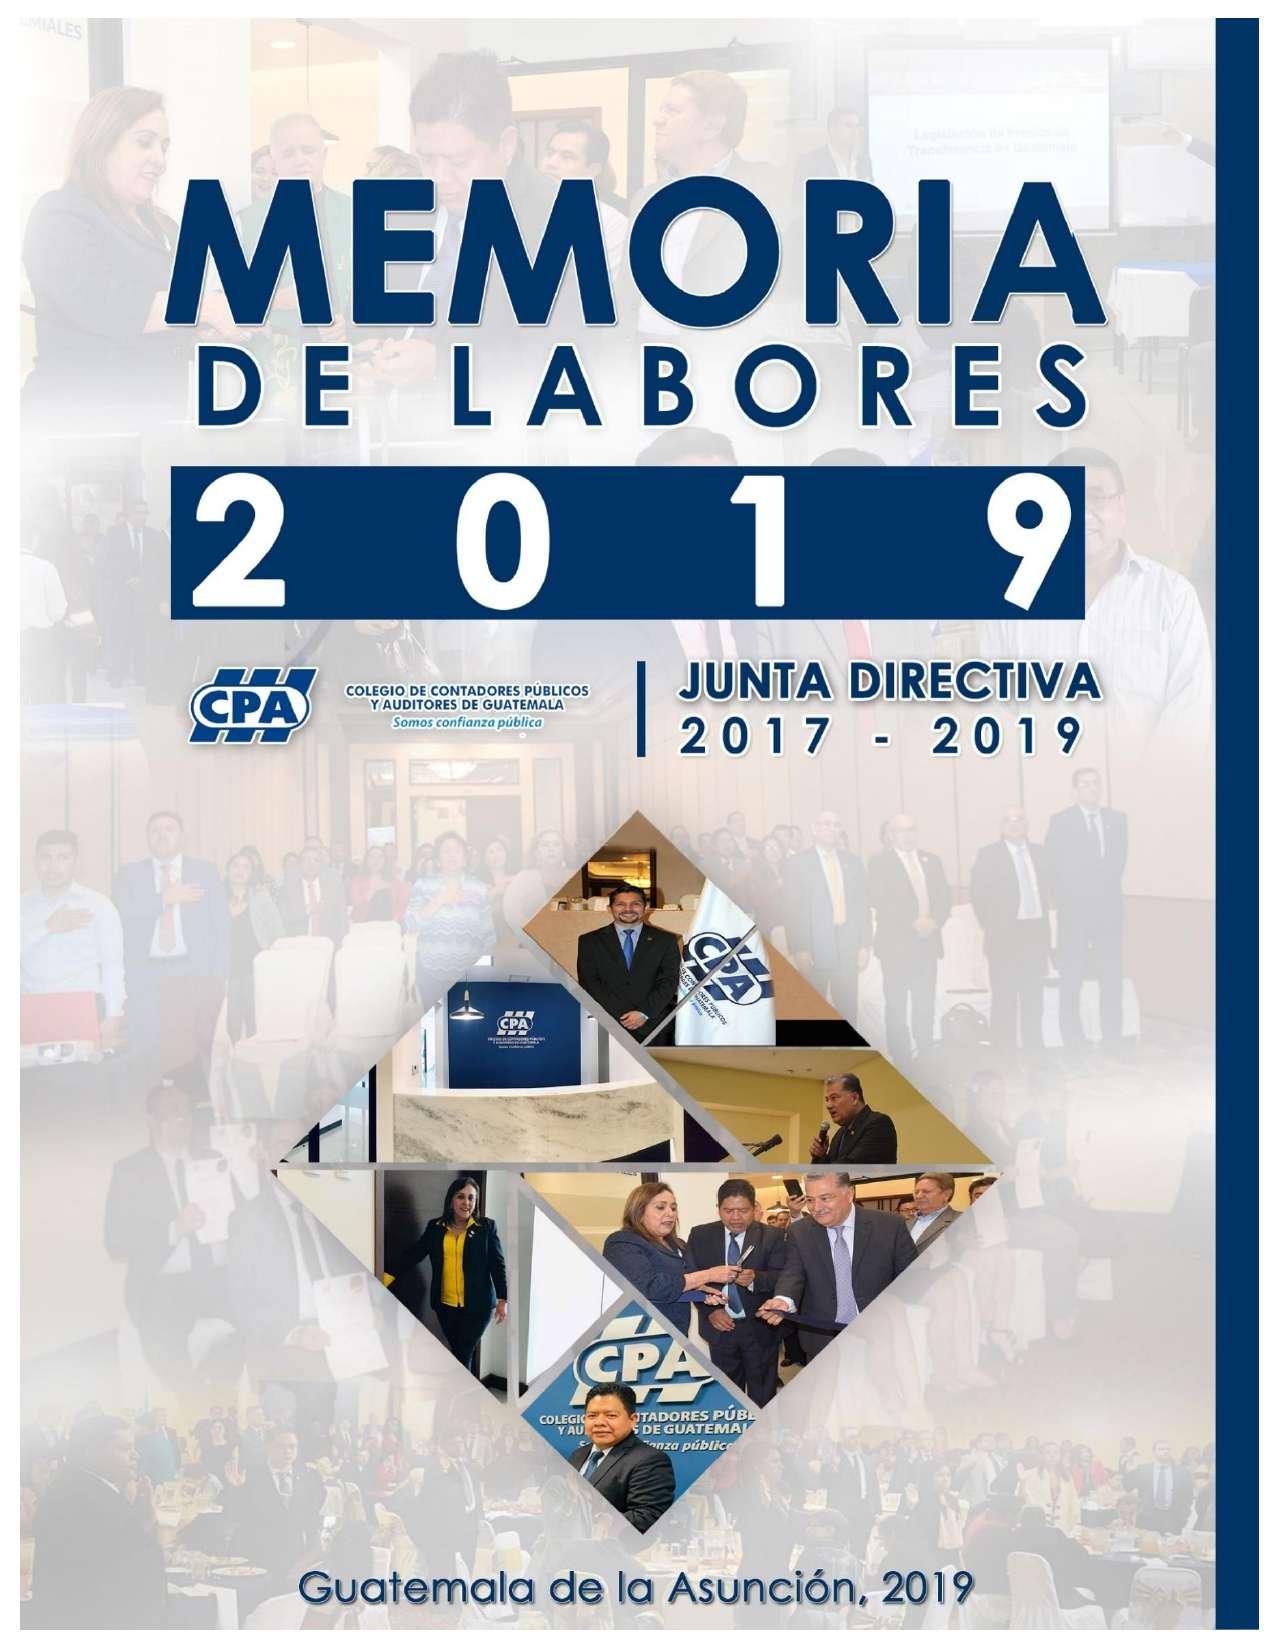 MEMORIA DE LABORES 2019